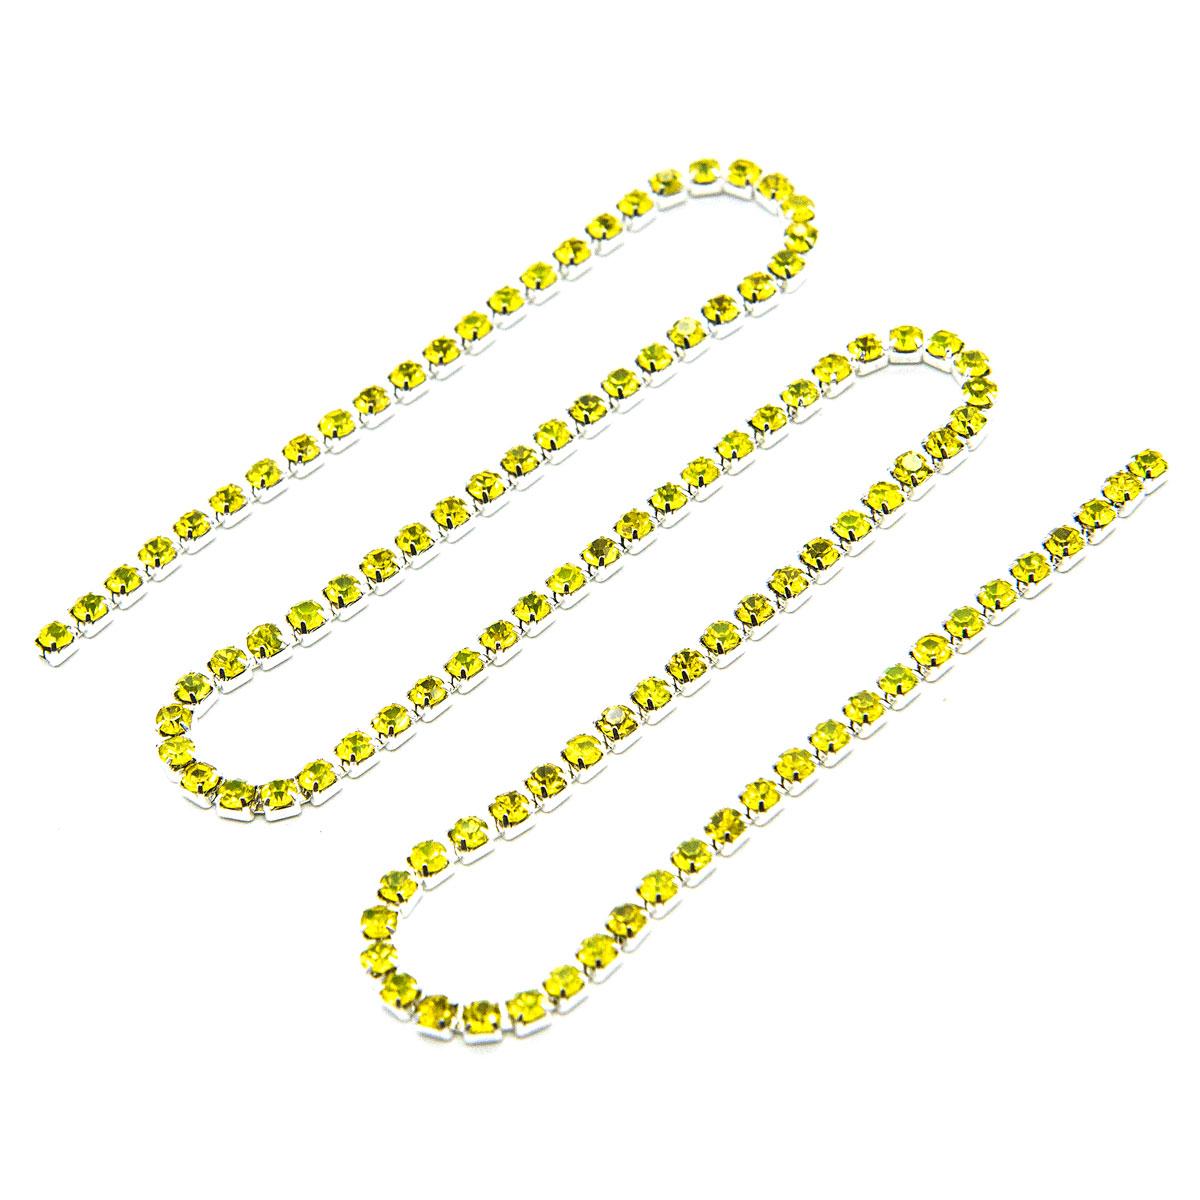 ЦС008СЦ2 Стразовые цепочки (серебро), цвет: желтый, размер 2 мм, 30 см/упак.